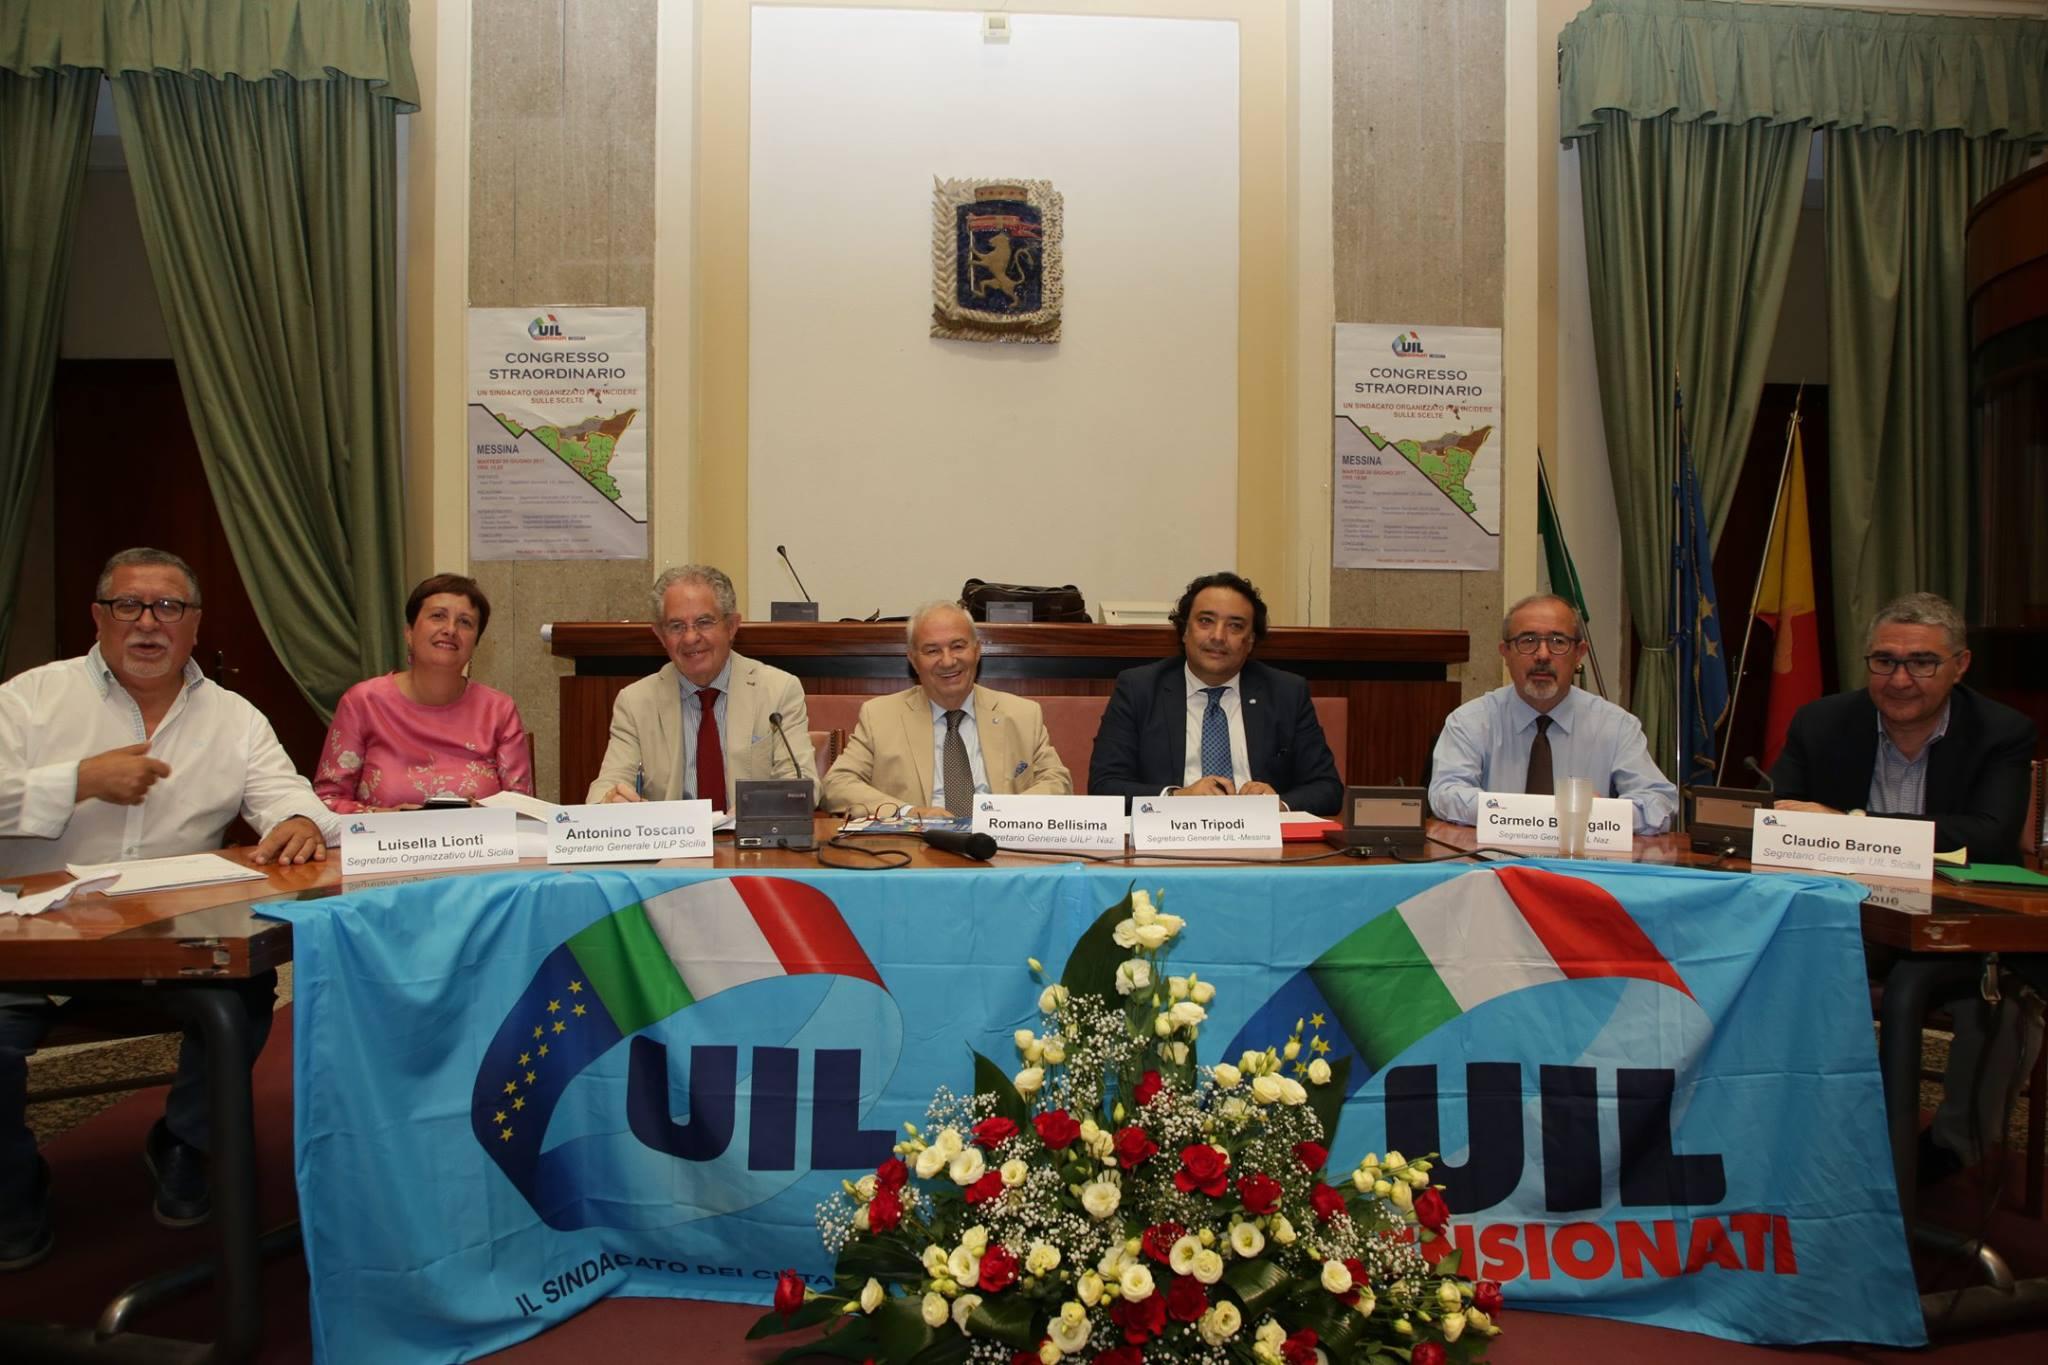 Congresso straordinario UIL Pensionati Messina (Messina, 20 giugno 2017)